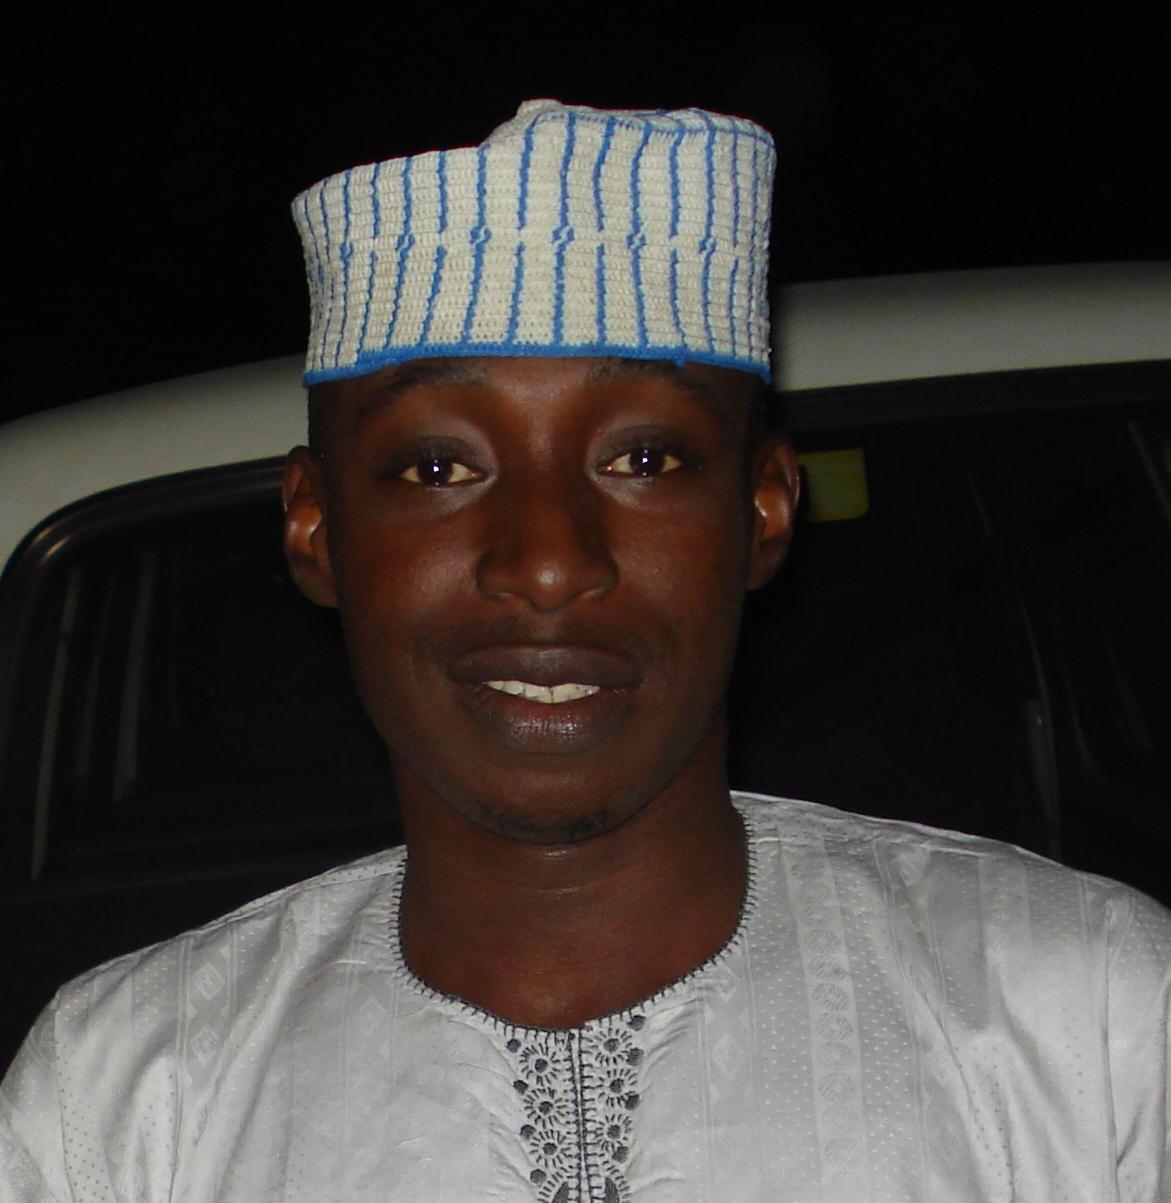 Declare Me APC Spokesperson, Blogger Asks Court